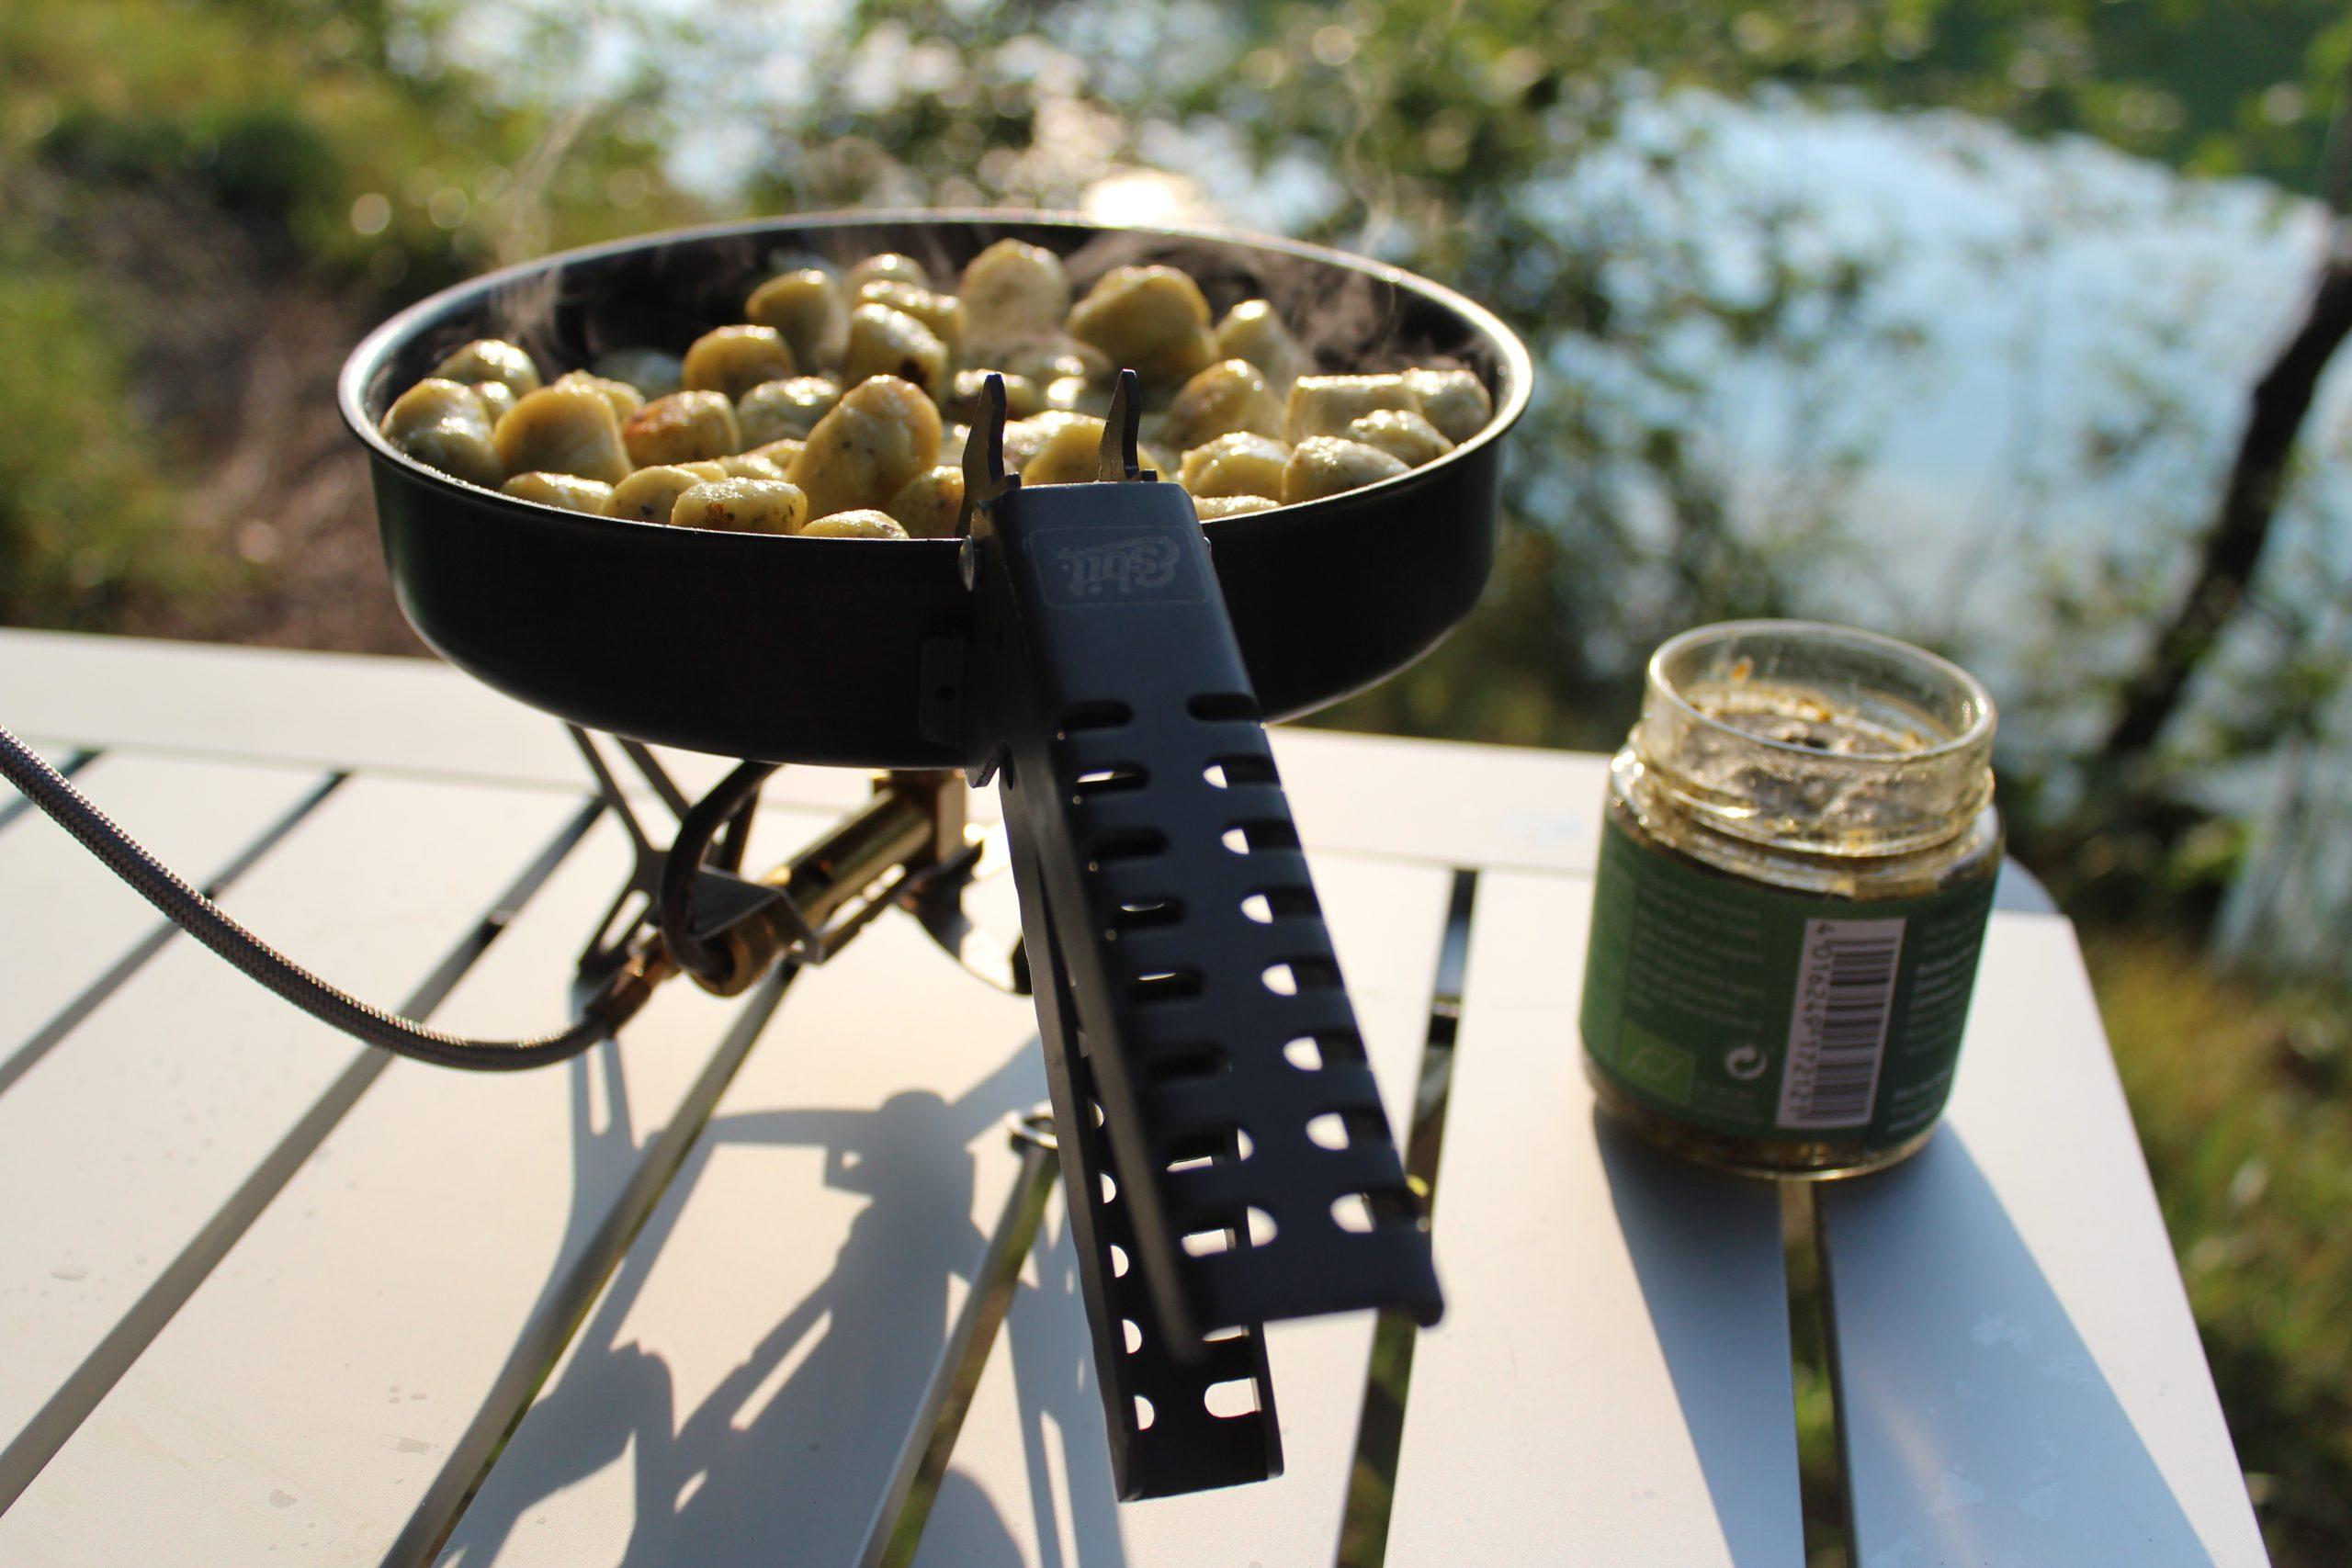 Camping-Küche im Familienurlaub